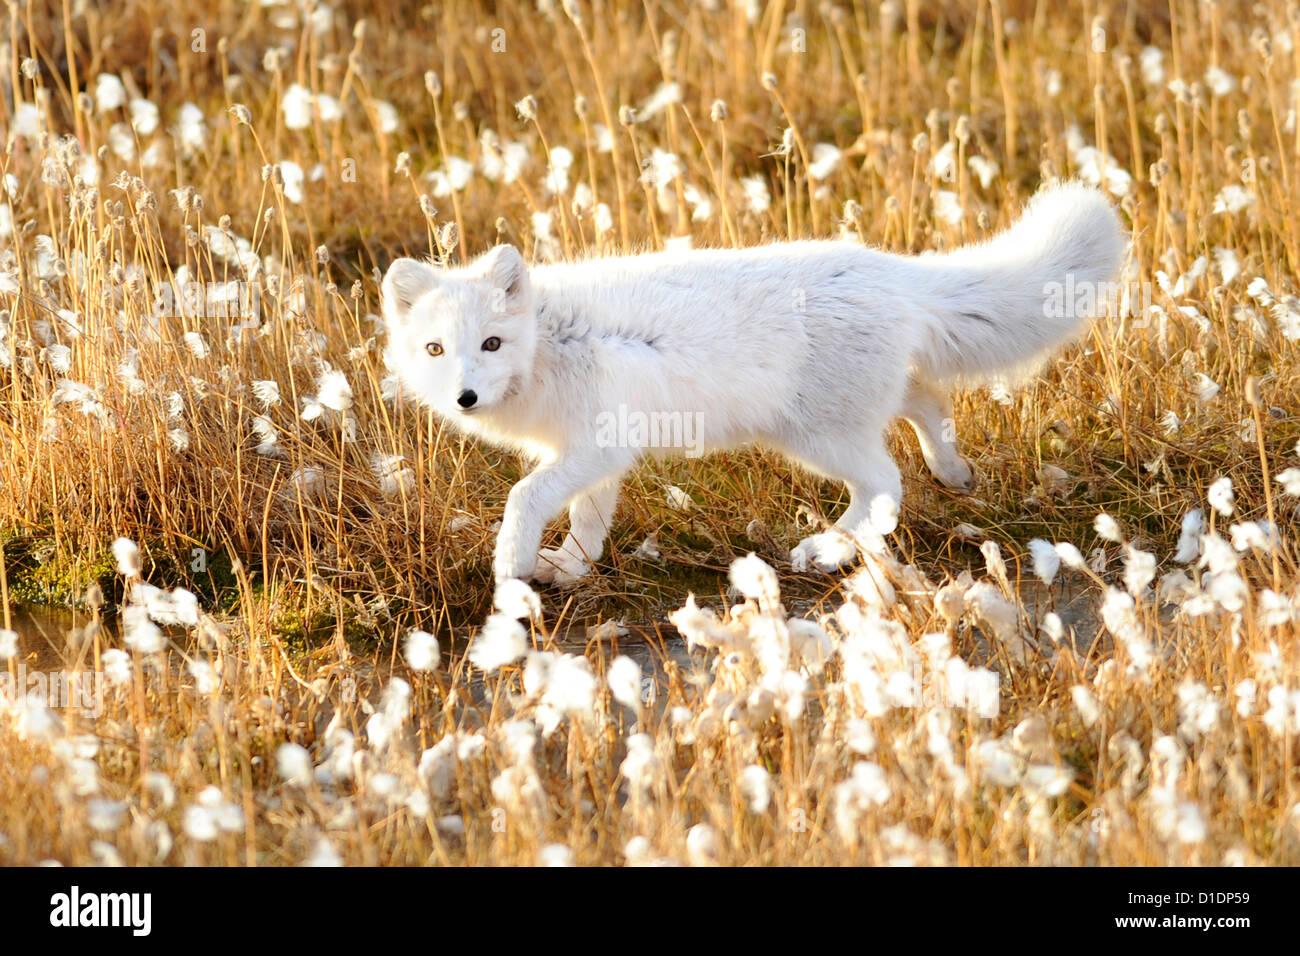 An arctic fox walks through cotton grass September 17, 2012 in Pituffik, Greenland. Stock Foto